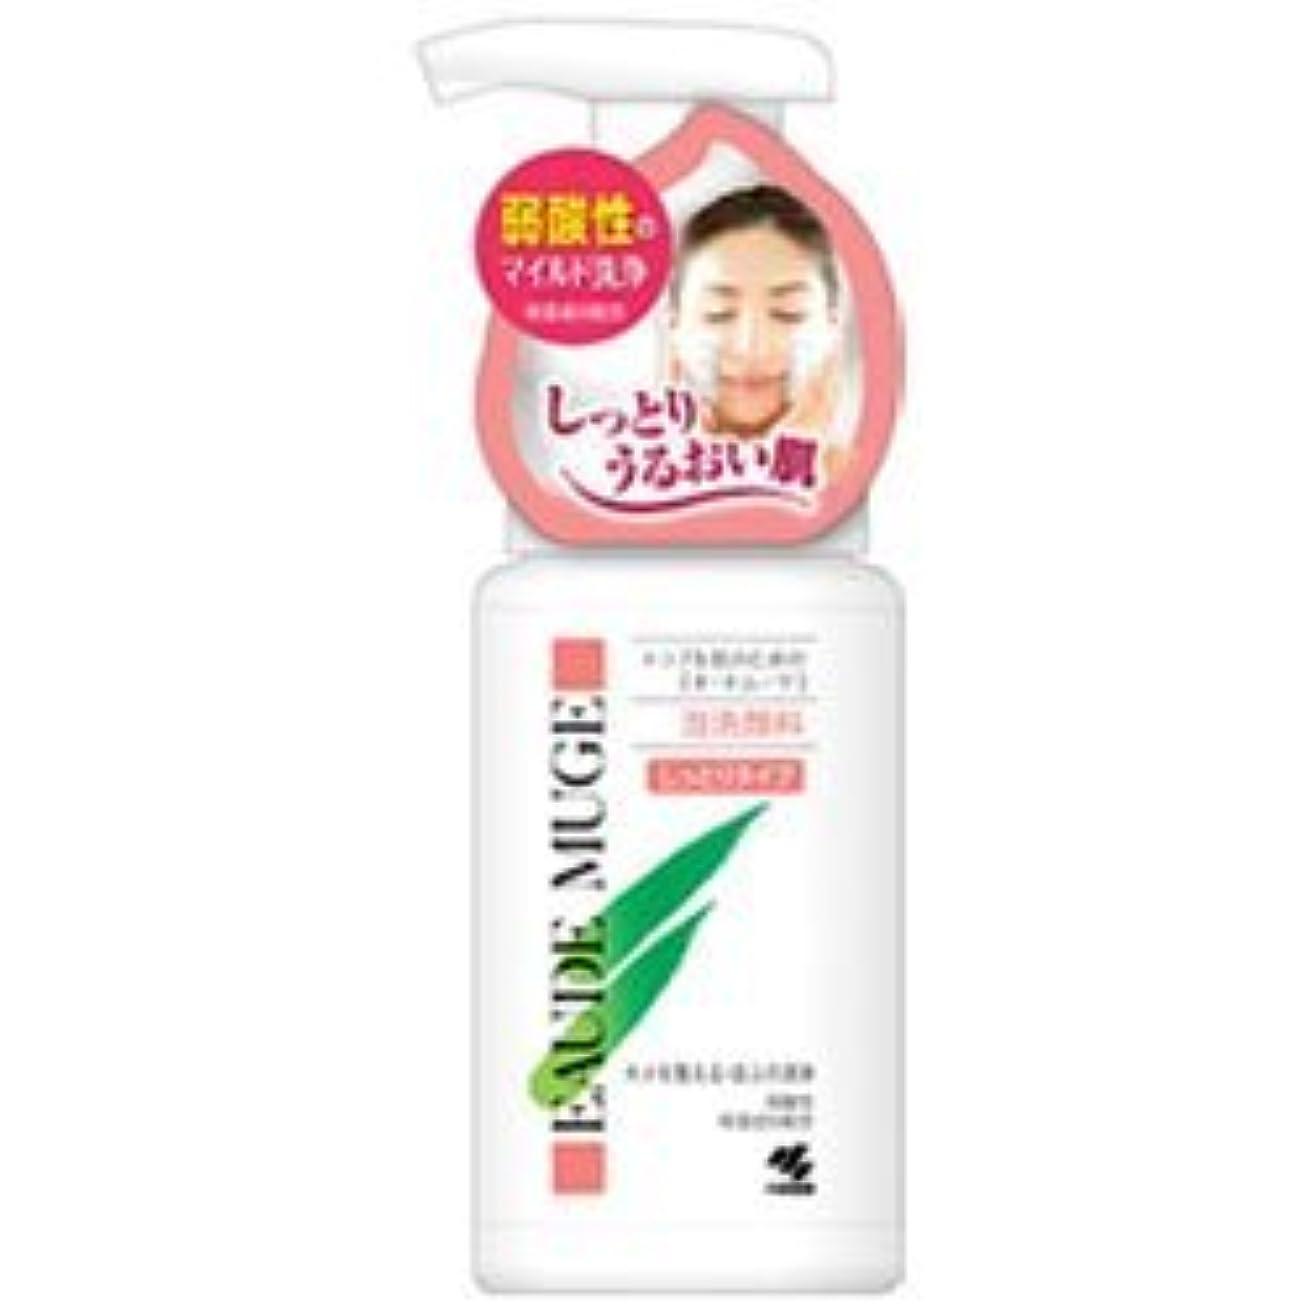 吸収剤フルーツ利用可能【小林製薬】オードムーゲ 泡洗顔料 しっとりタイプ 150ml